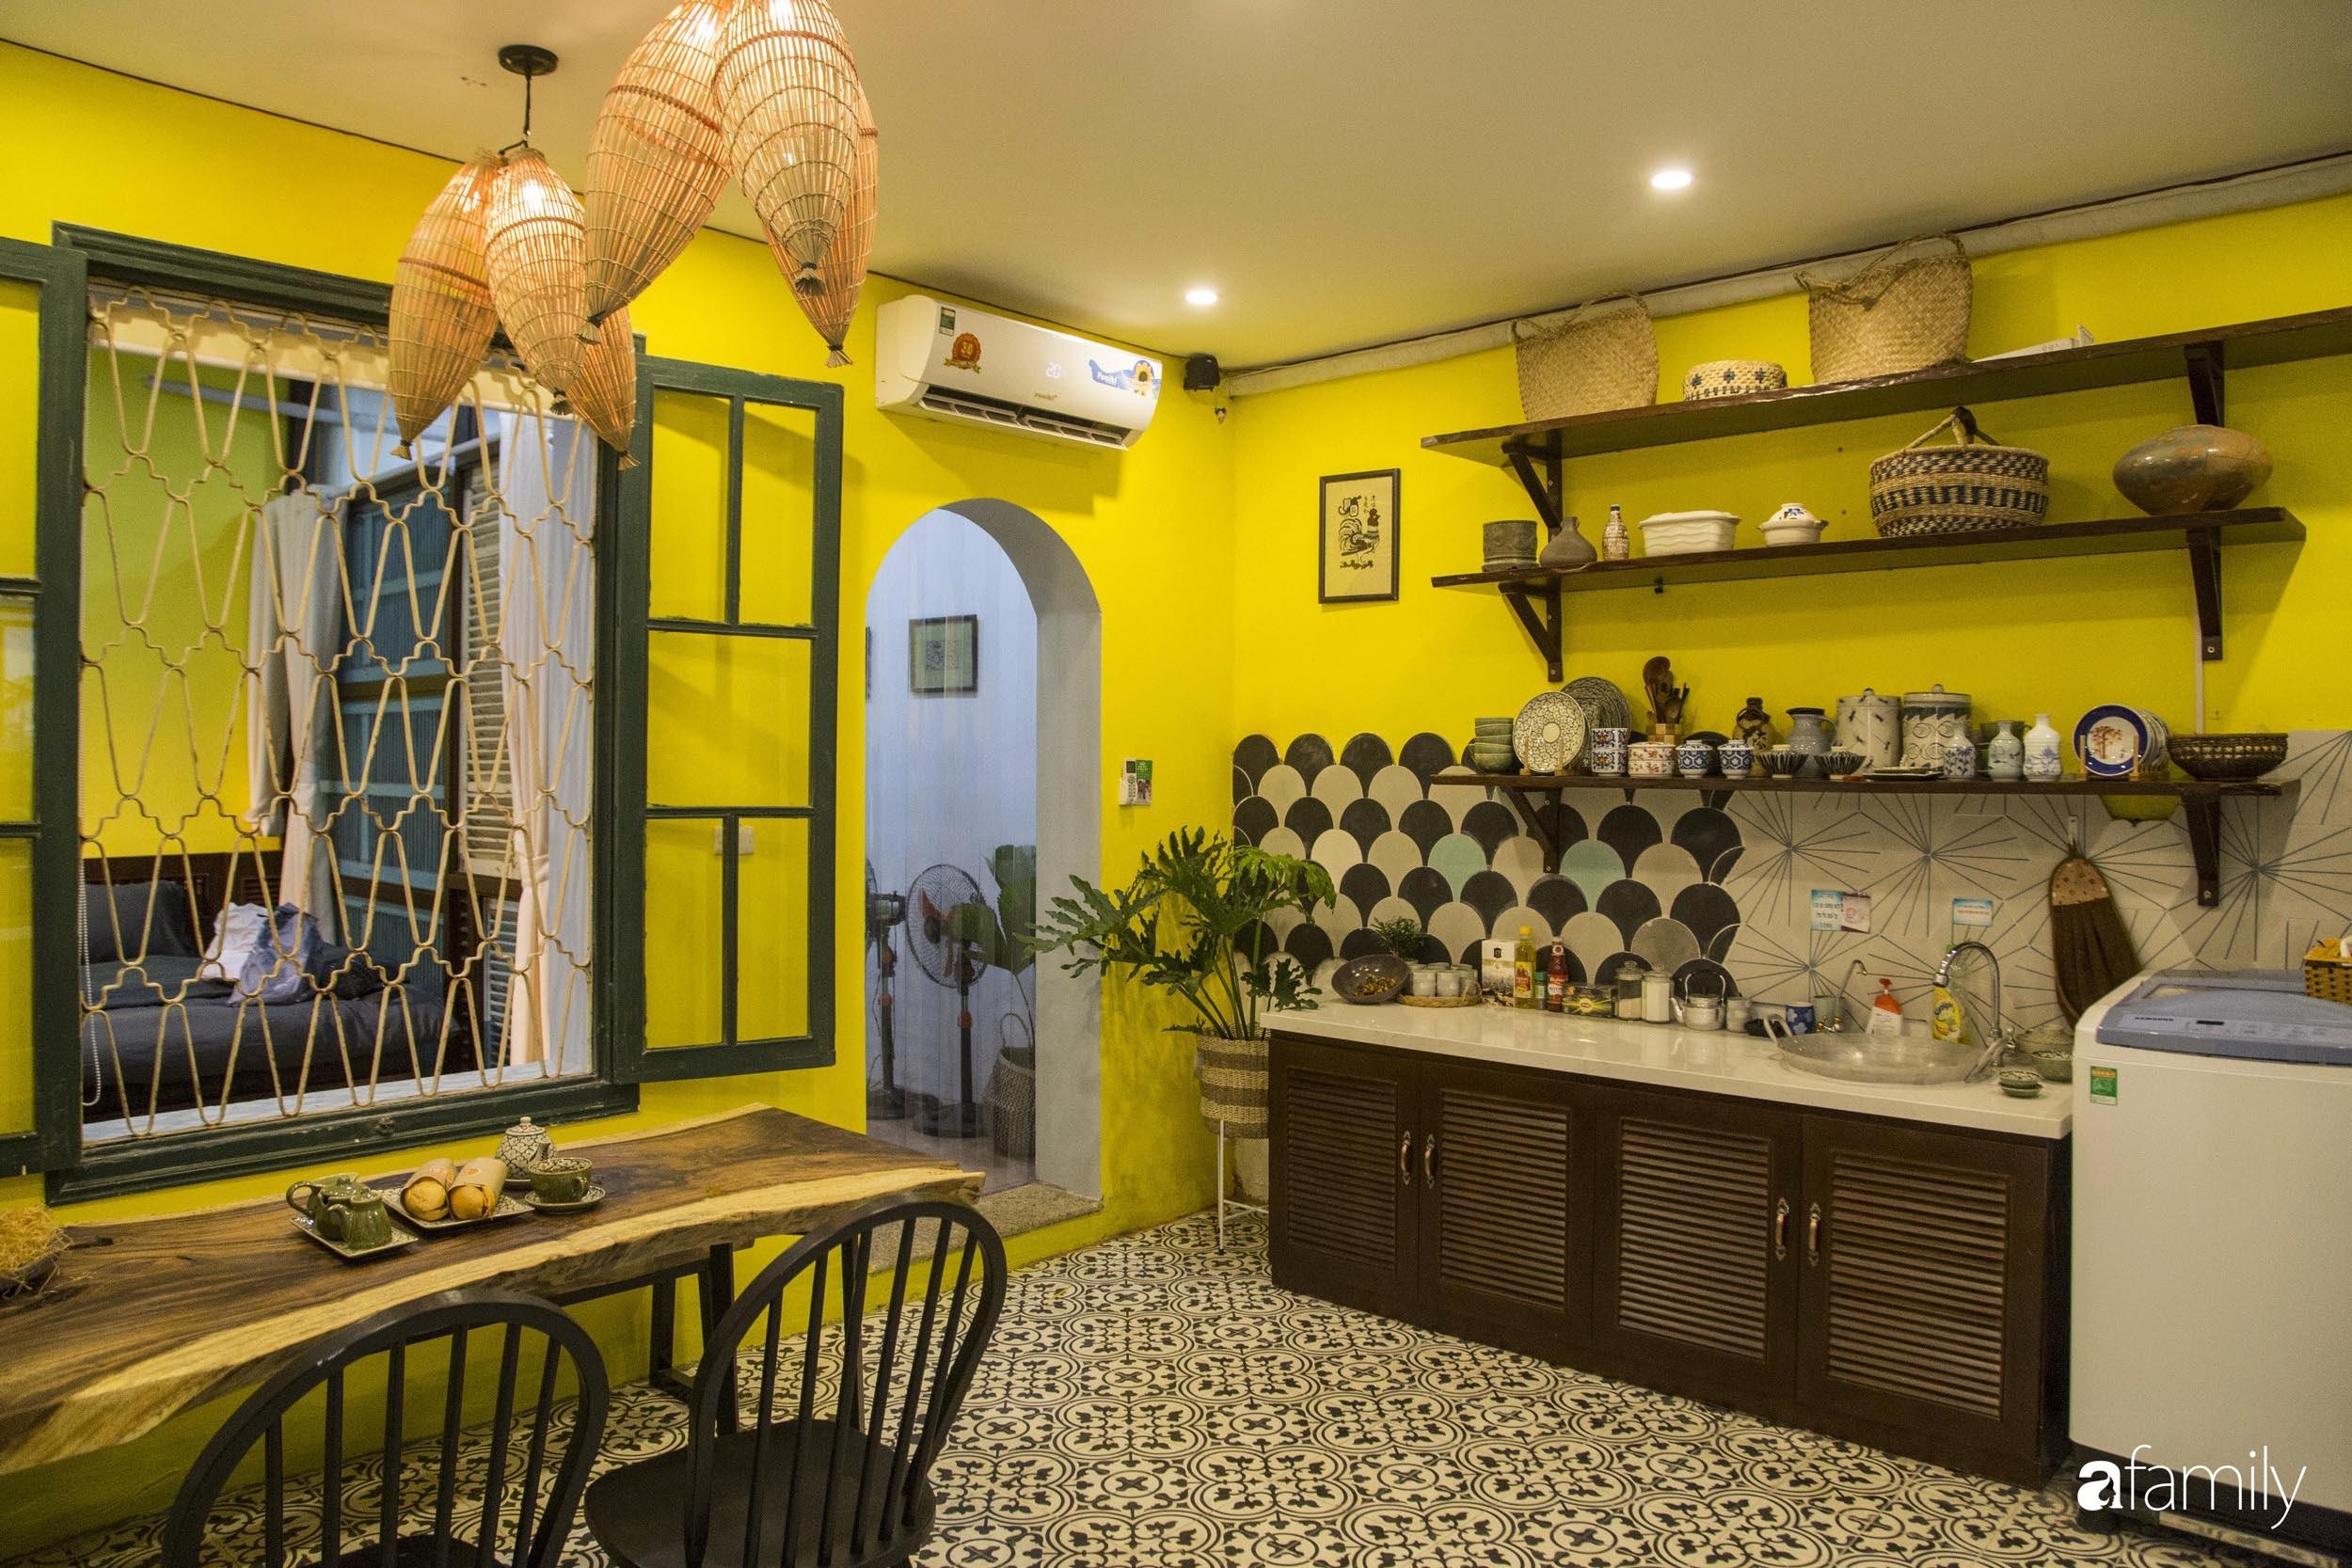 Căn hộ tập thể vàng ươm sắc nắng đẹp mang vẻ hoài cổ ấn tượng ở quận Hoàn Kiếm, Hà Nội - Ảnh 6.